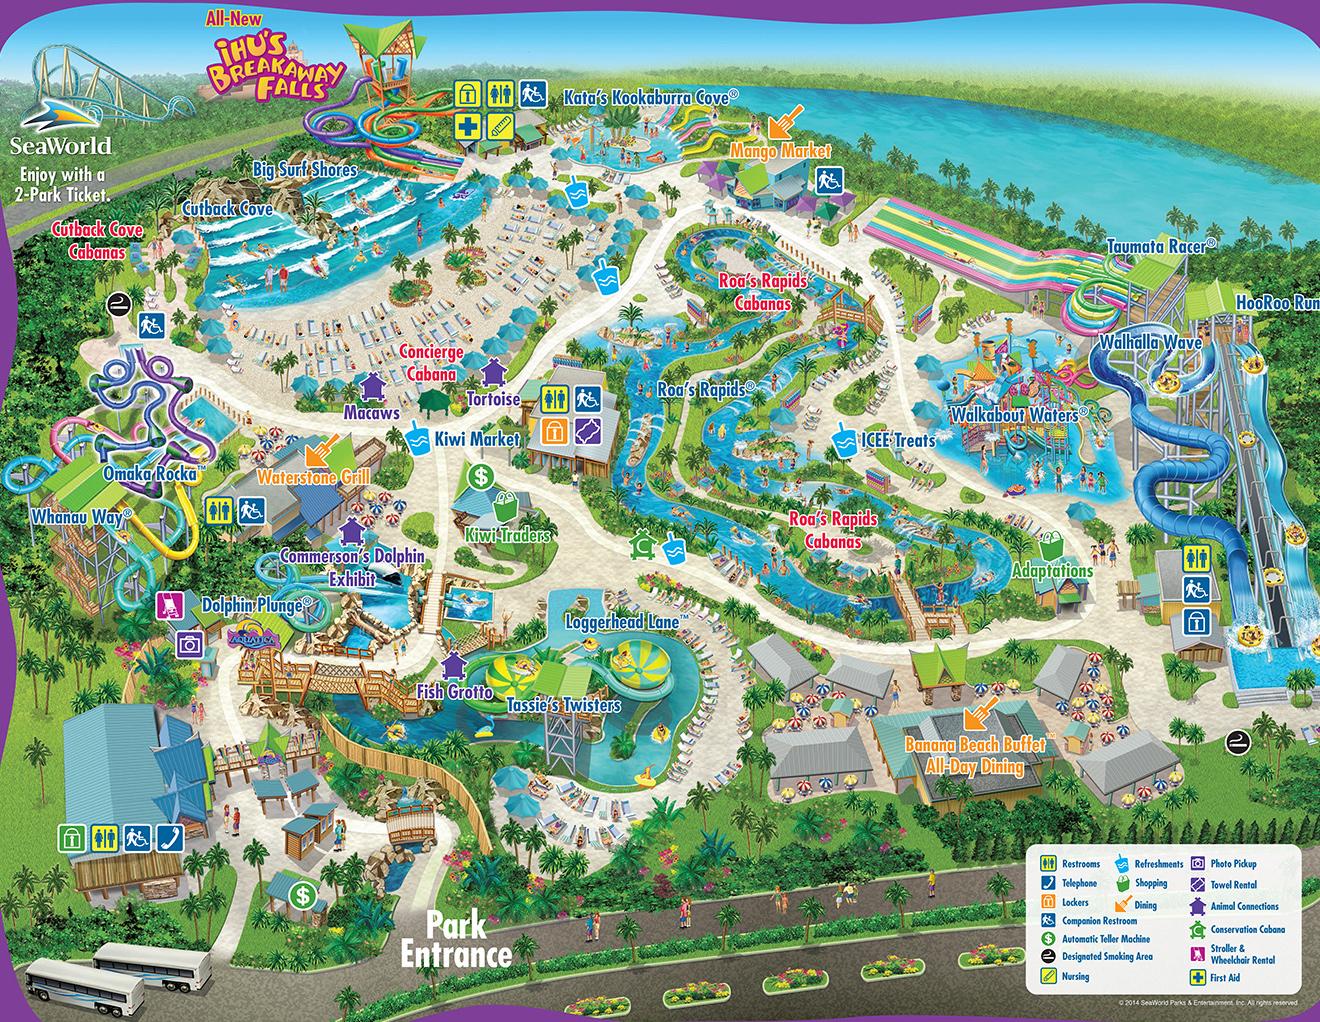 Mapa Aquatica Orlando